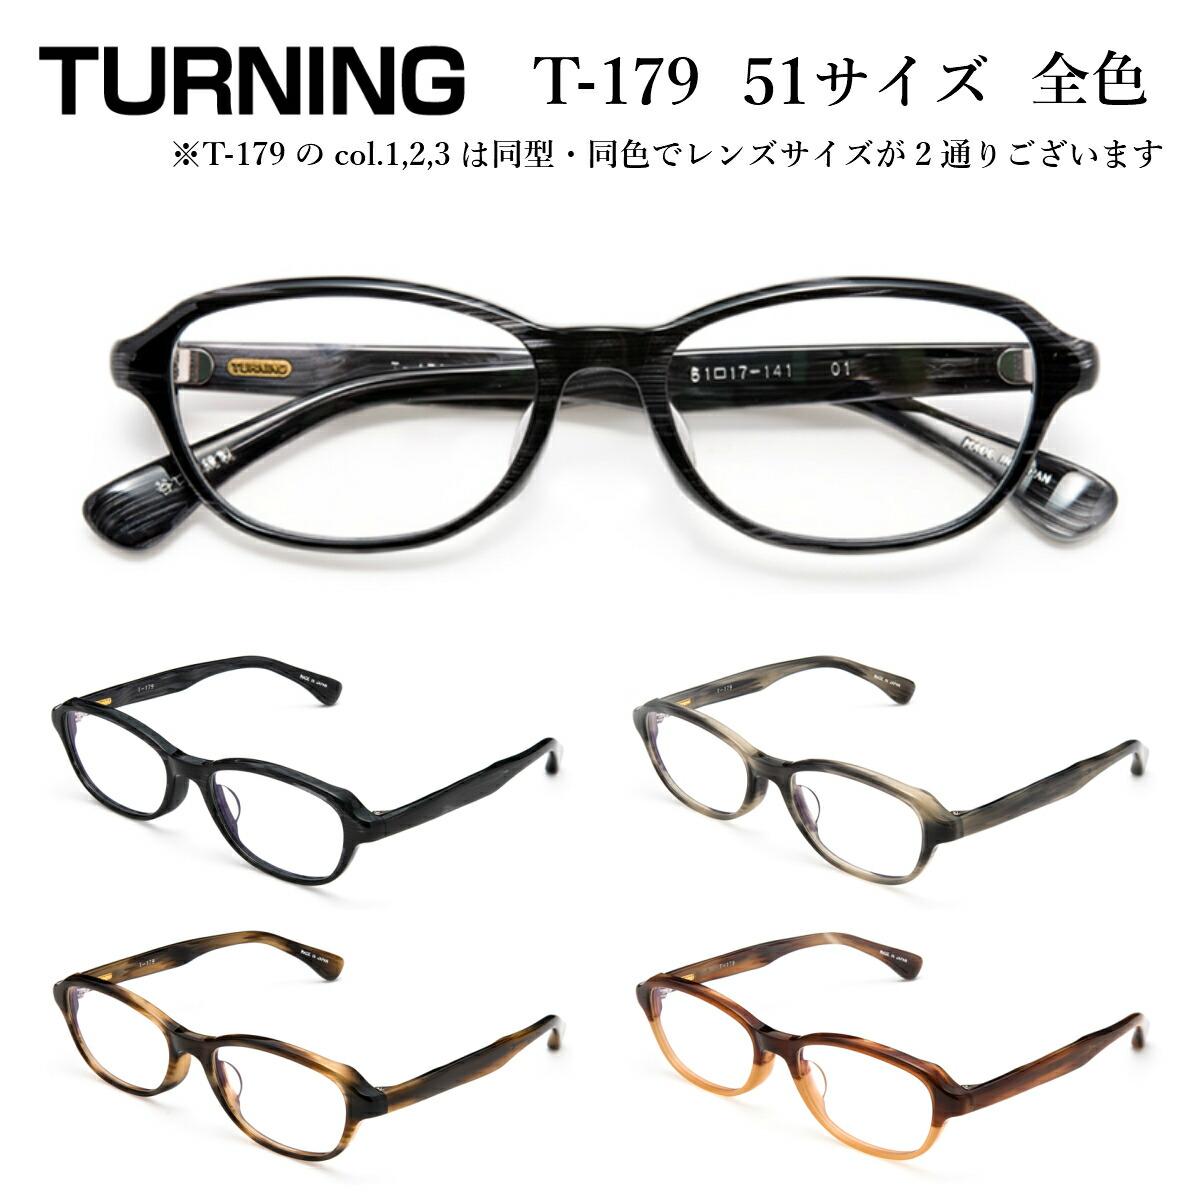 TURNING ターニング 谷口眼鏡 T-179 51サイズ 全色 メガネ 眼鏡 めがね フレーム 度付き 度入り 対応 セル プラスチック アセテート 日本製 国産 鯖江 SABAE ボストン ウェリントン 丸 メンズ レディース 男 女 兼用